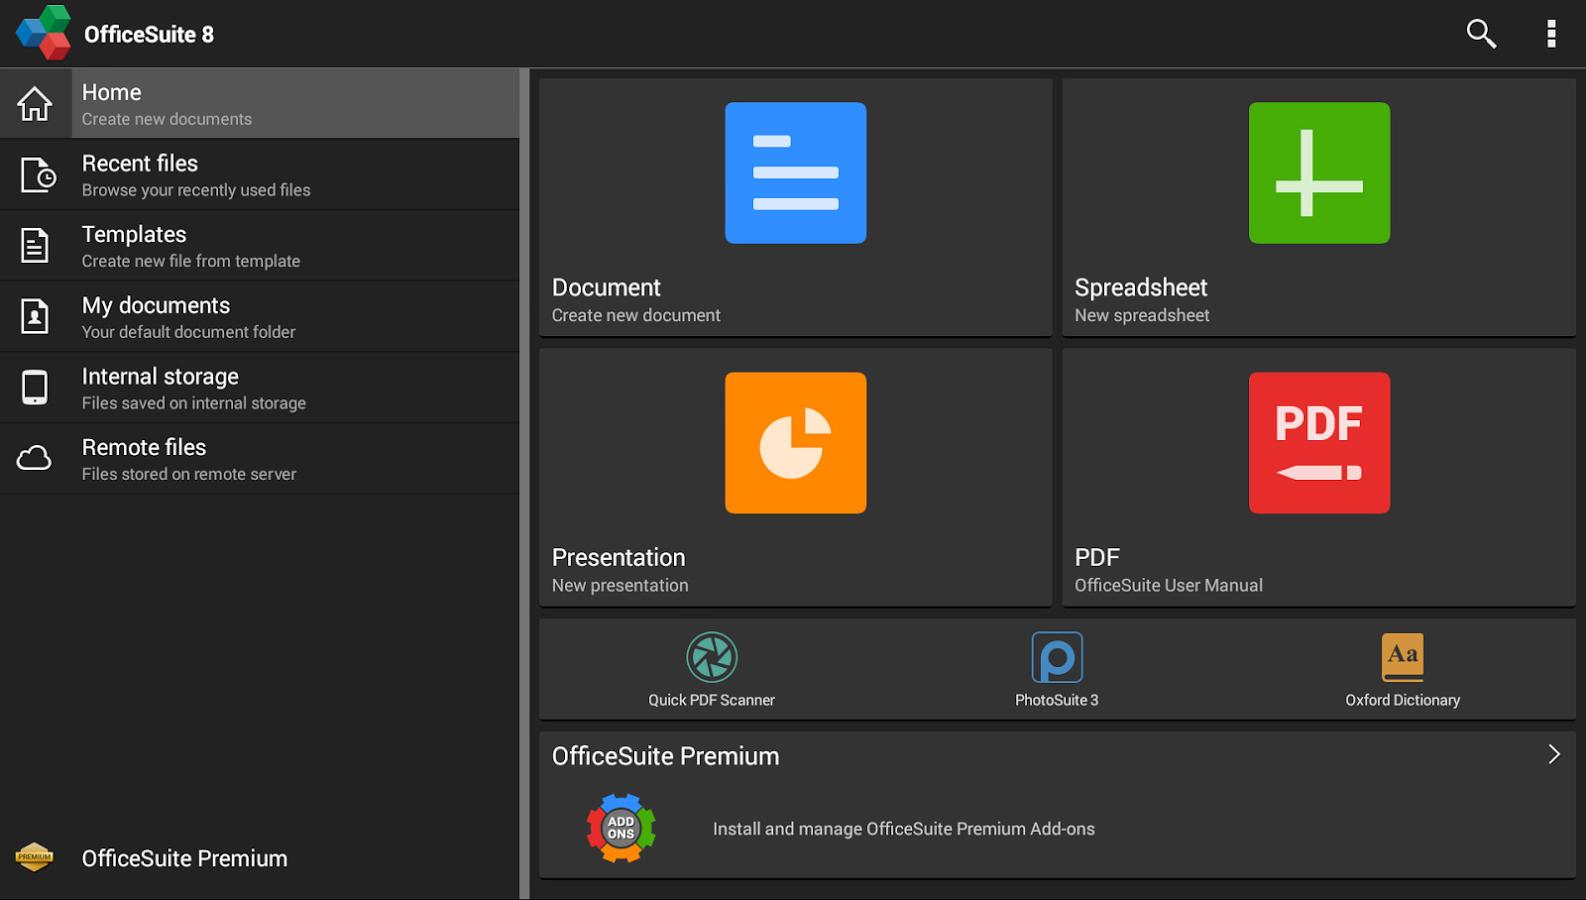 App de Android para crear, editar y enviar archivos Office